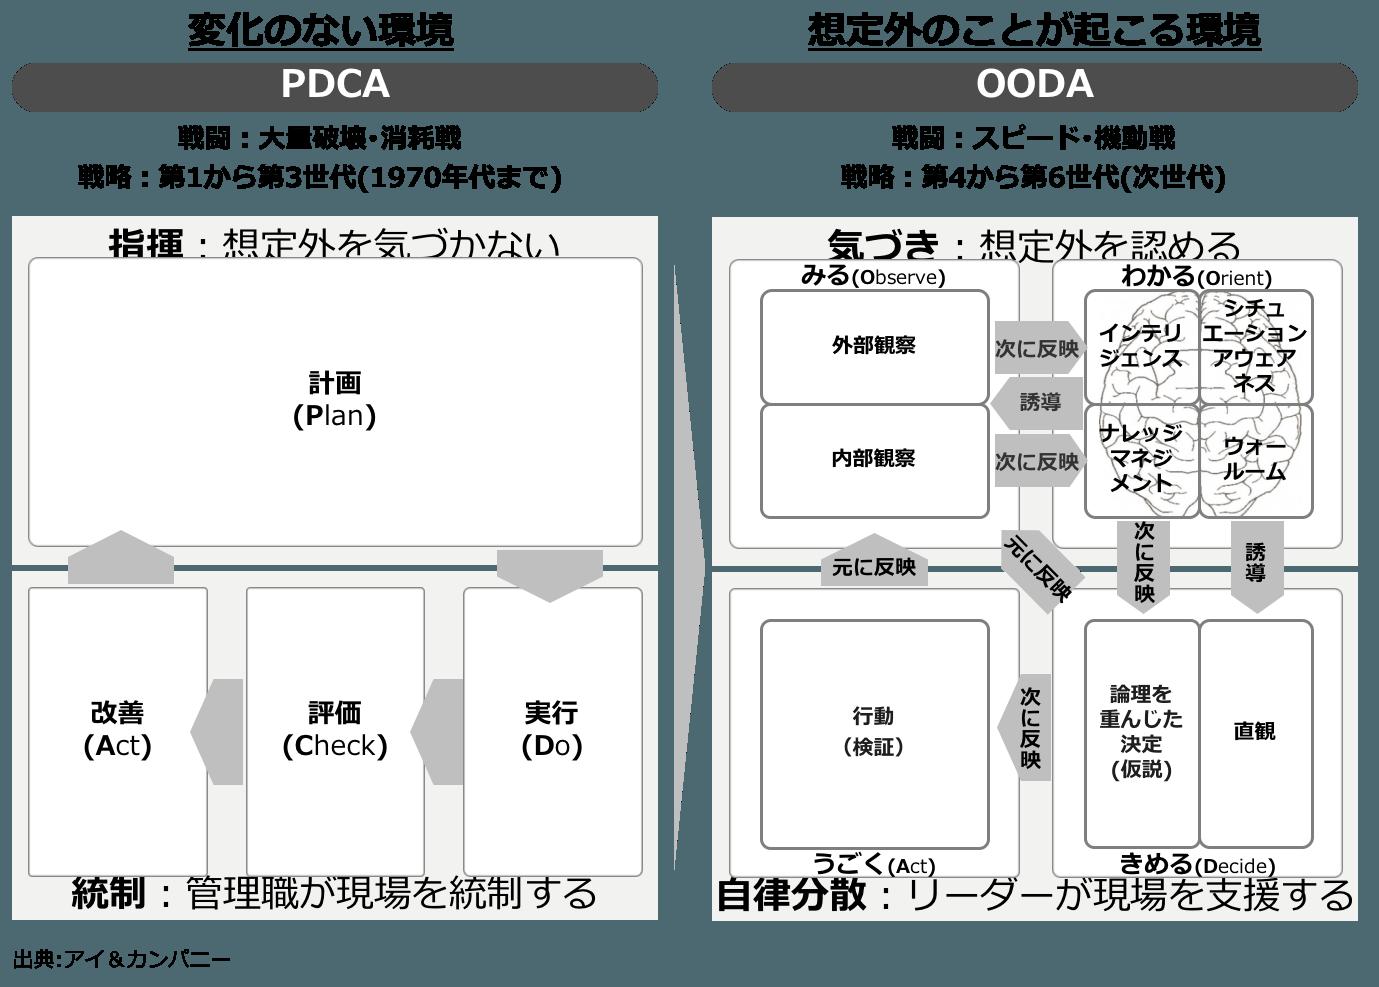 Oodaループ Pdcaでは生き残れない アイ カンパニー 勉強 計画 自己啓発 ビジネスのアイデア